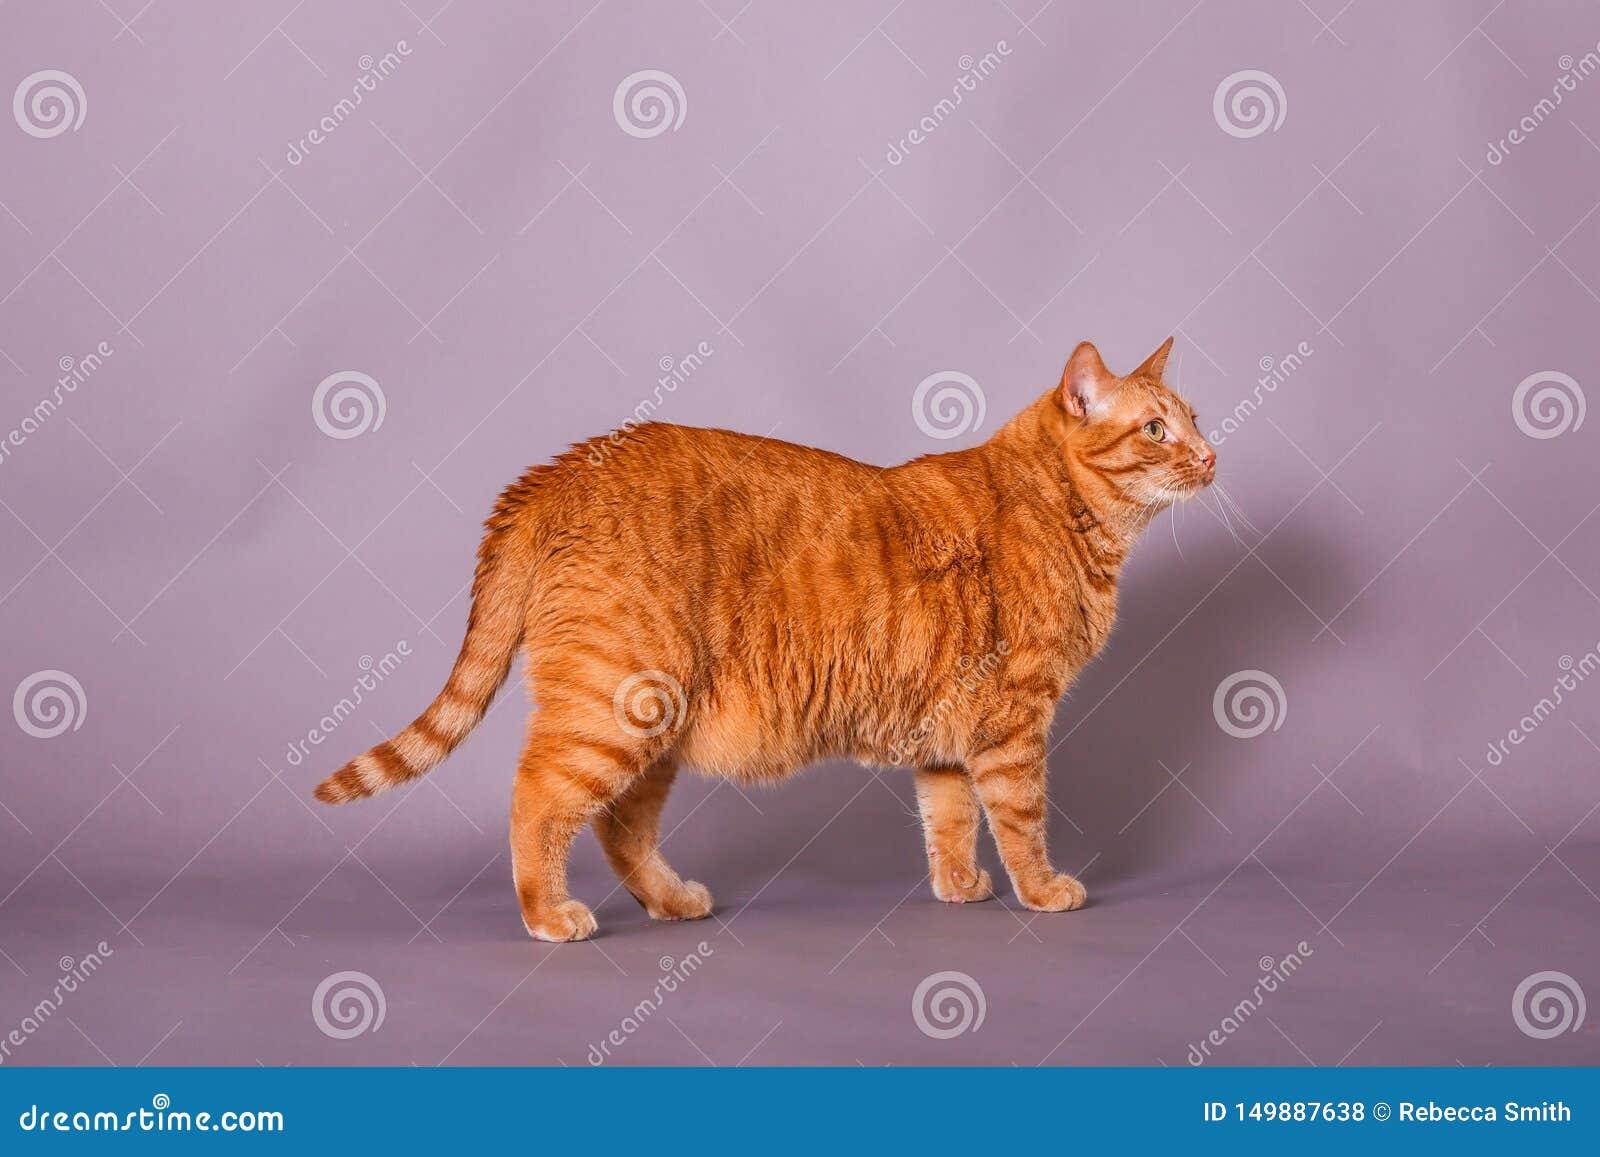 Full body profile of orange tabby cat in studio portrait